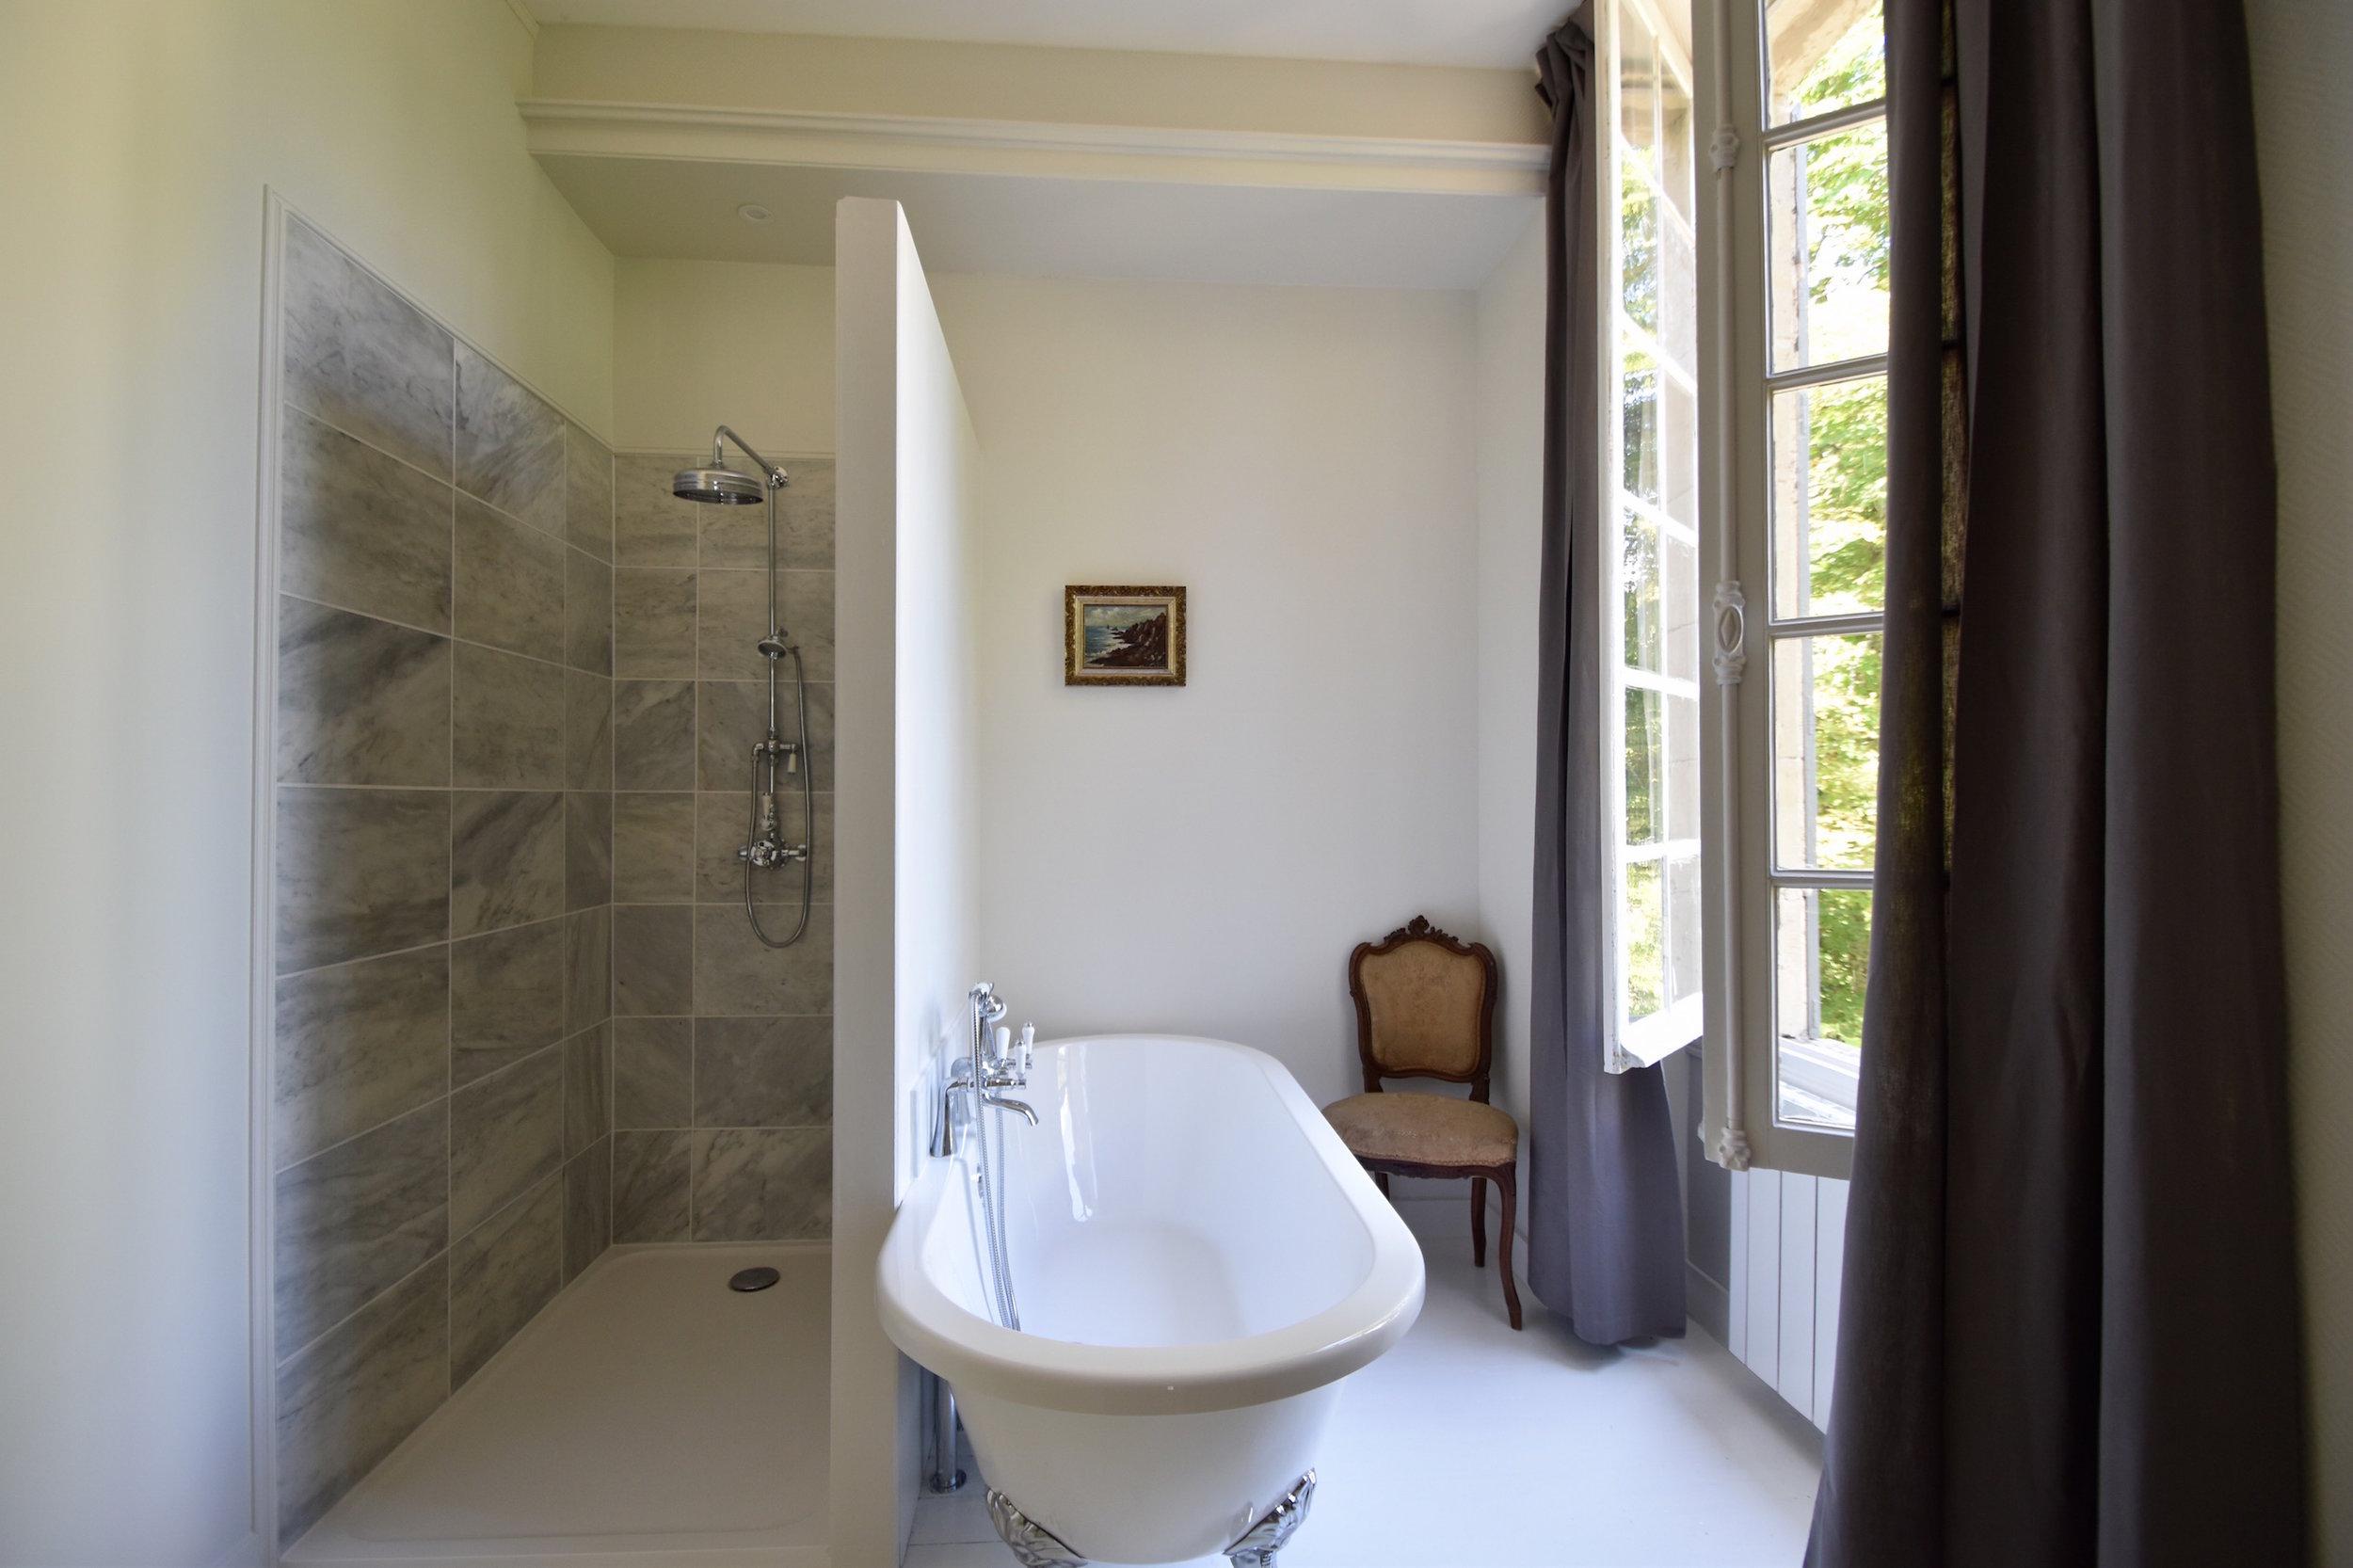 maruice bathroom web 2.jpg